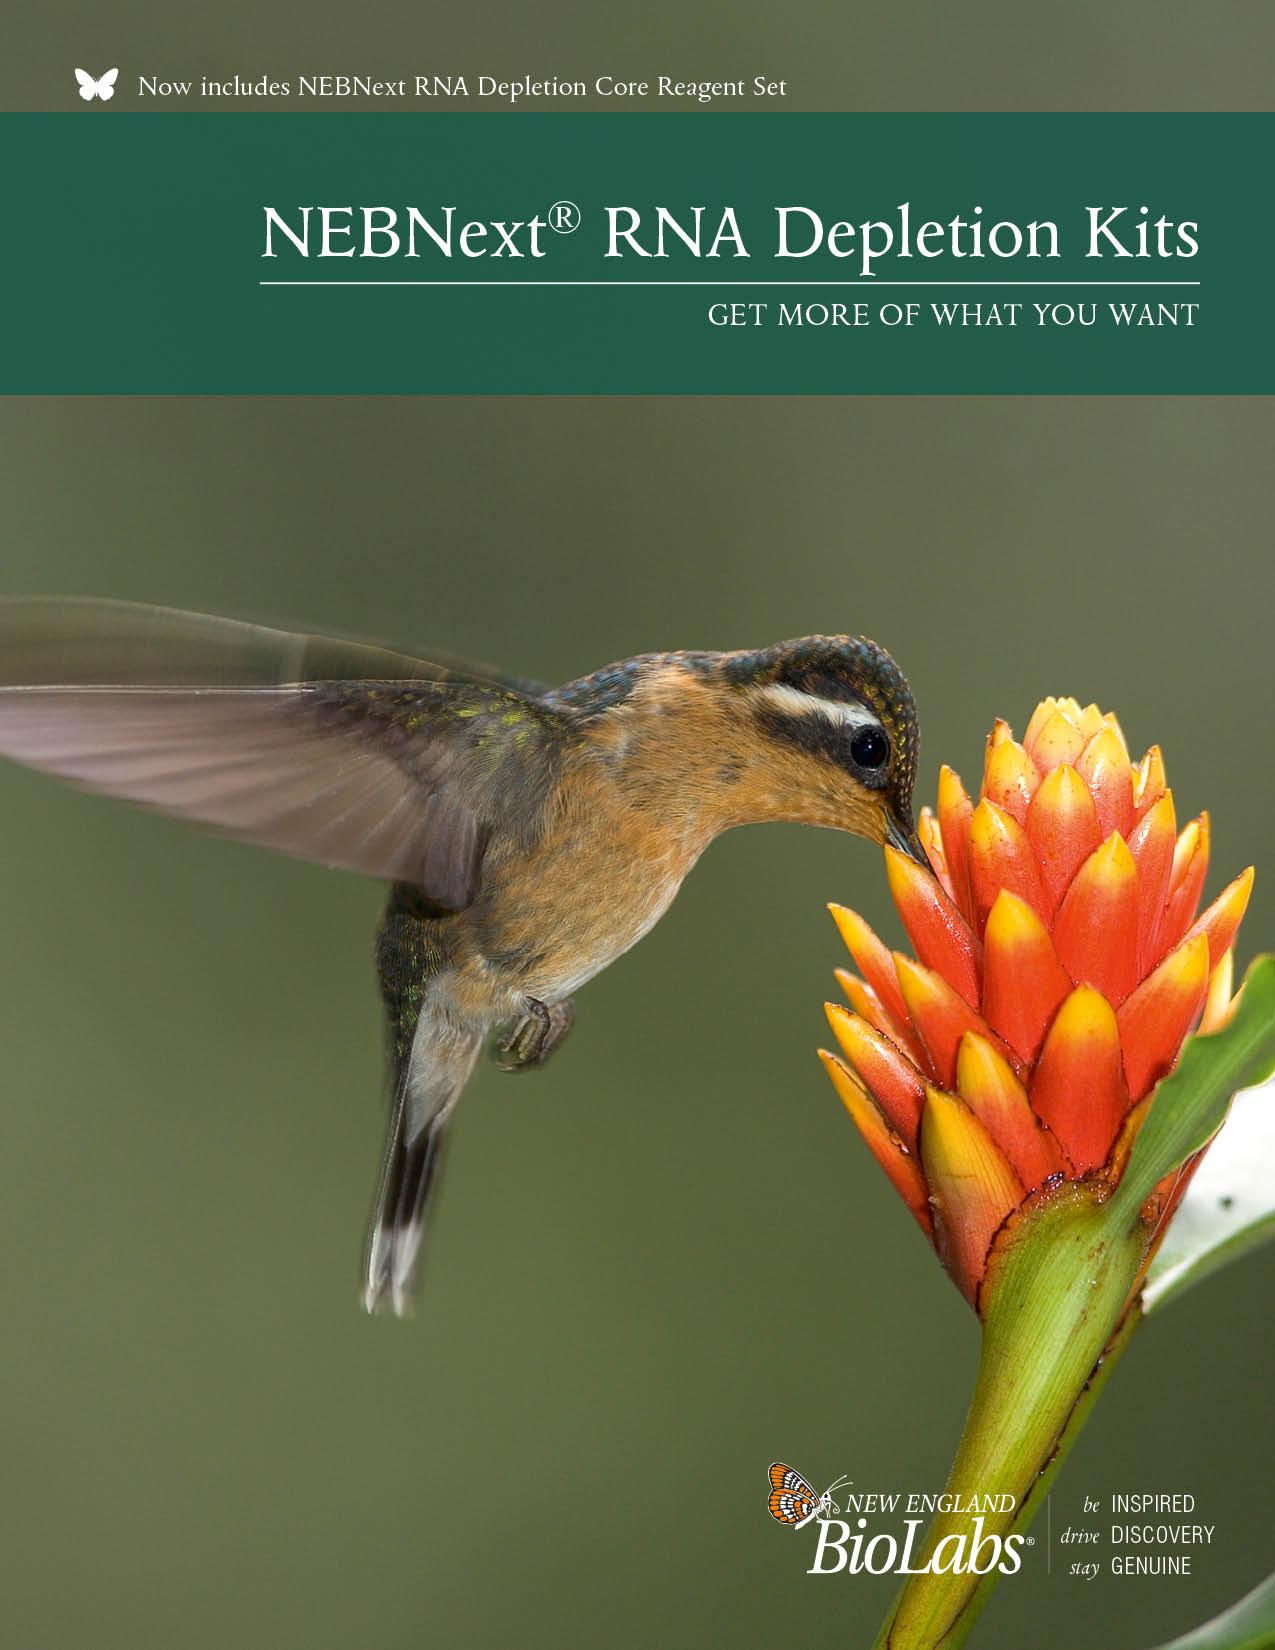 NEBNext RNA Depletion Broschüre